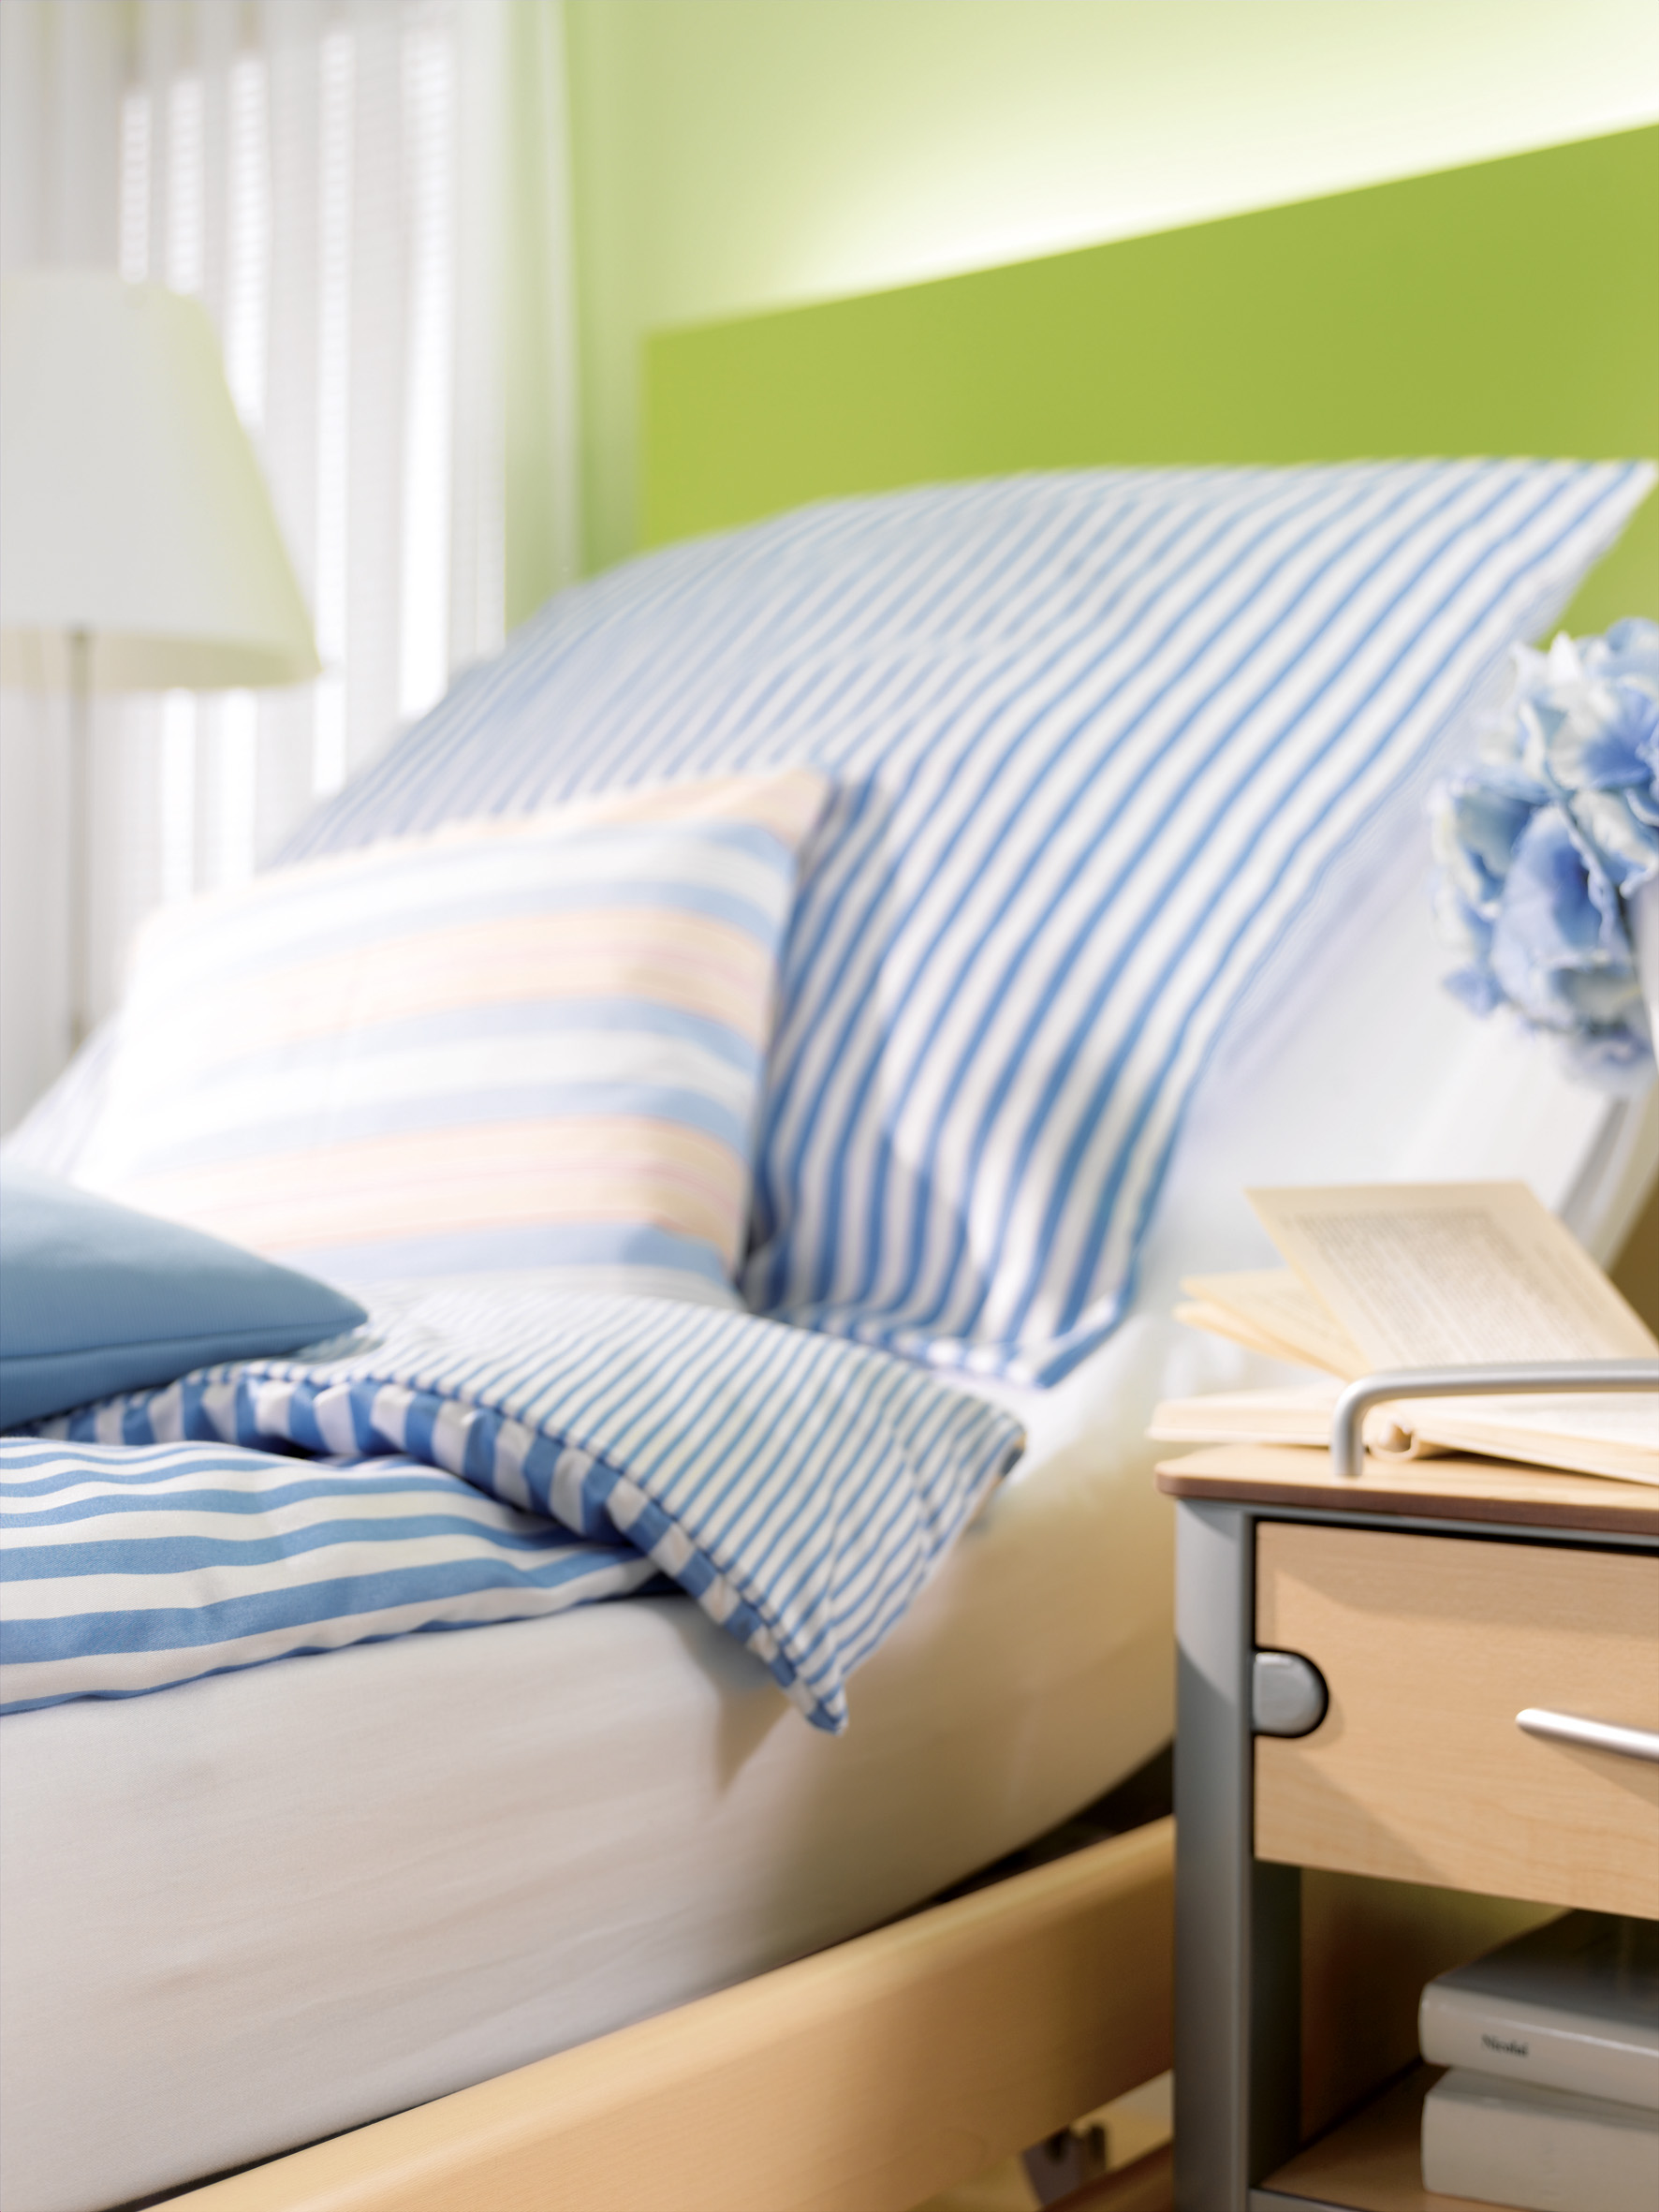 Kriterien bei der Auswahl von Matratzen für Pflege- und Klinikbetten